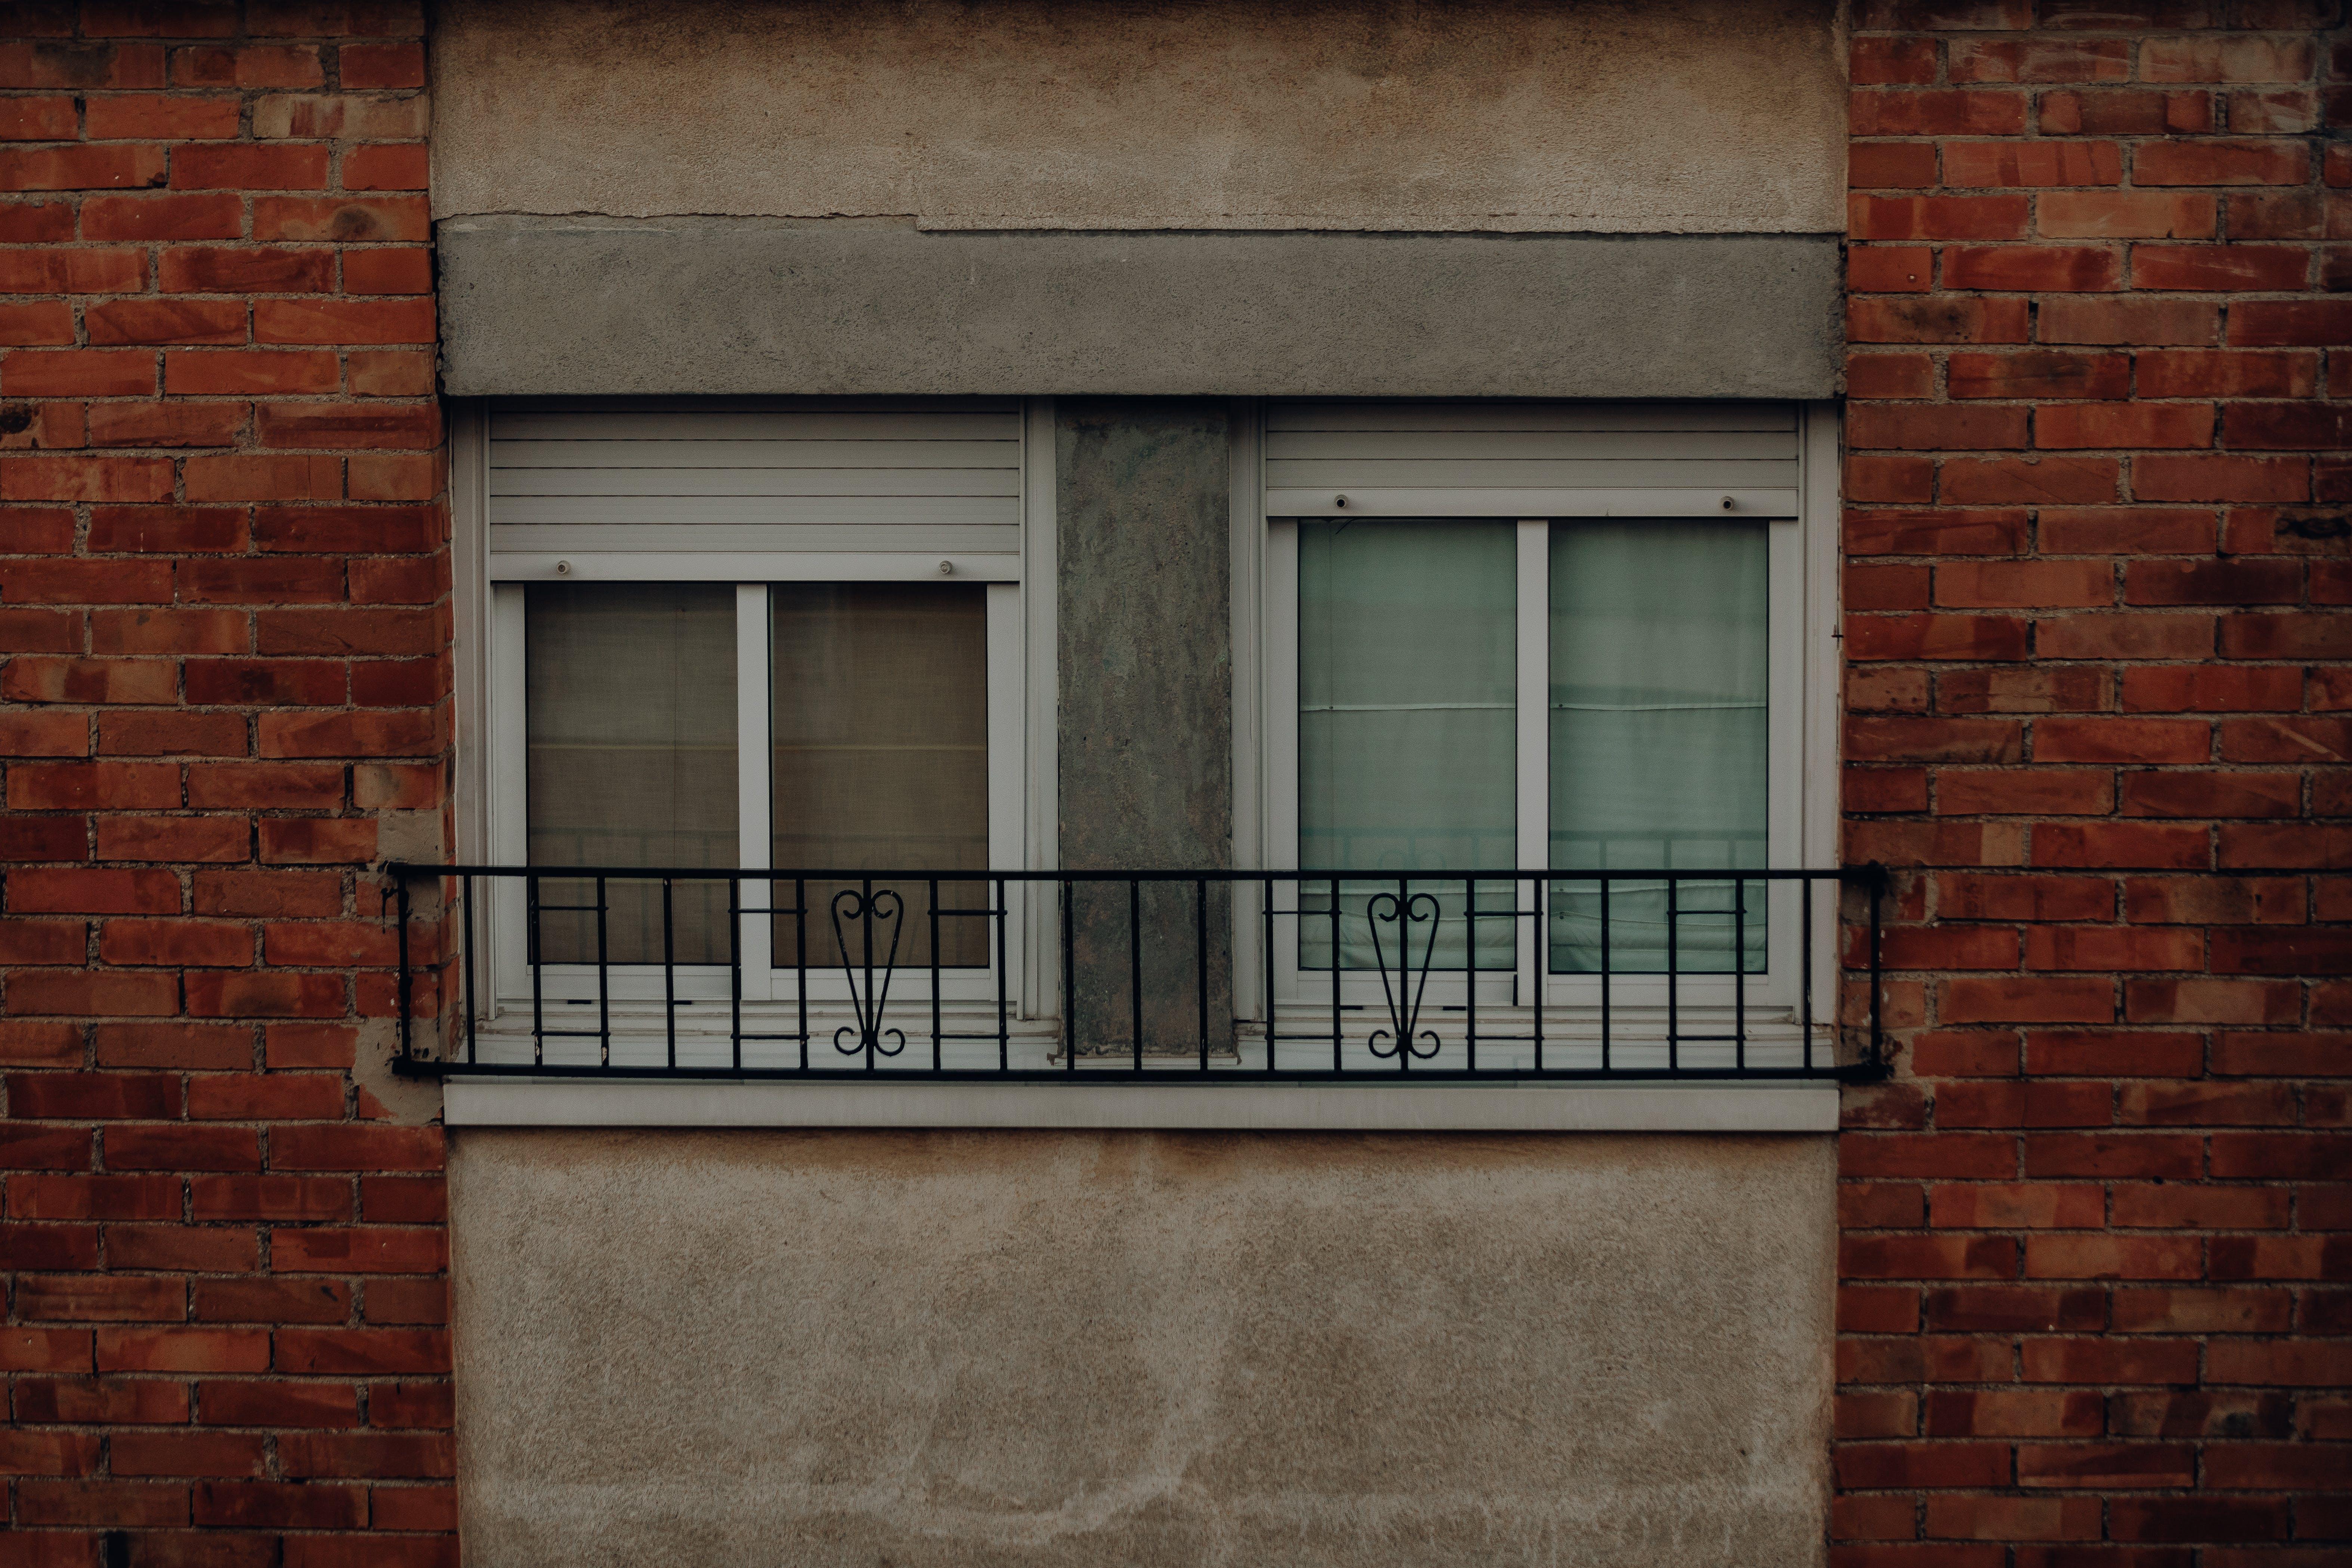 アパート, ガラス, ガラスアイテム, コンクリートの無料の写真素材